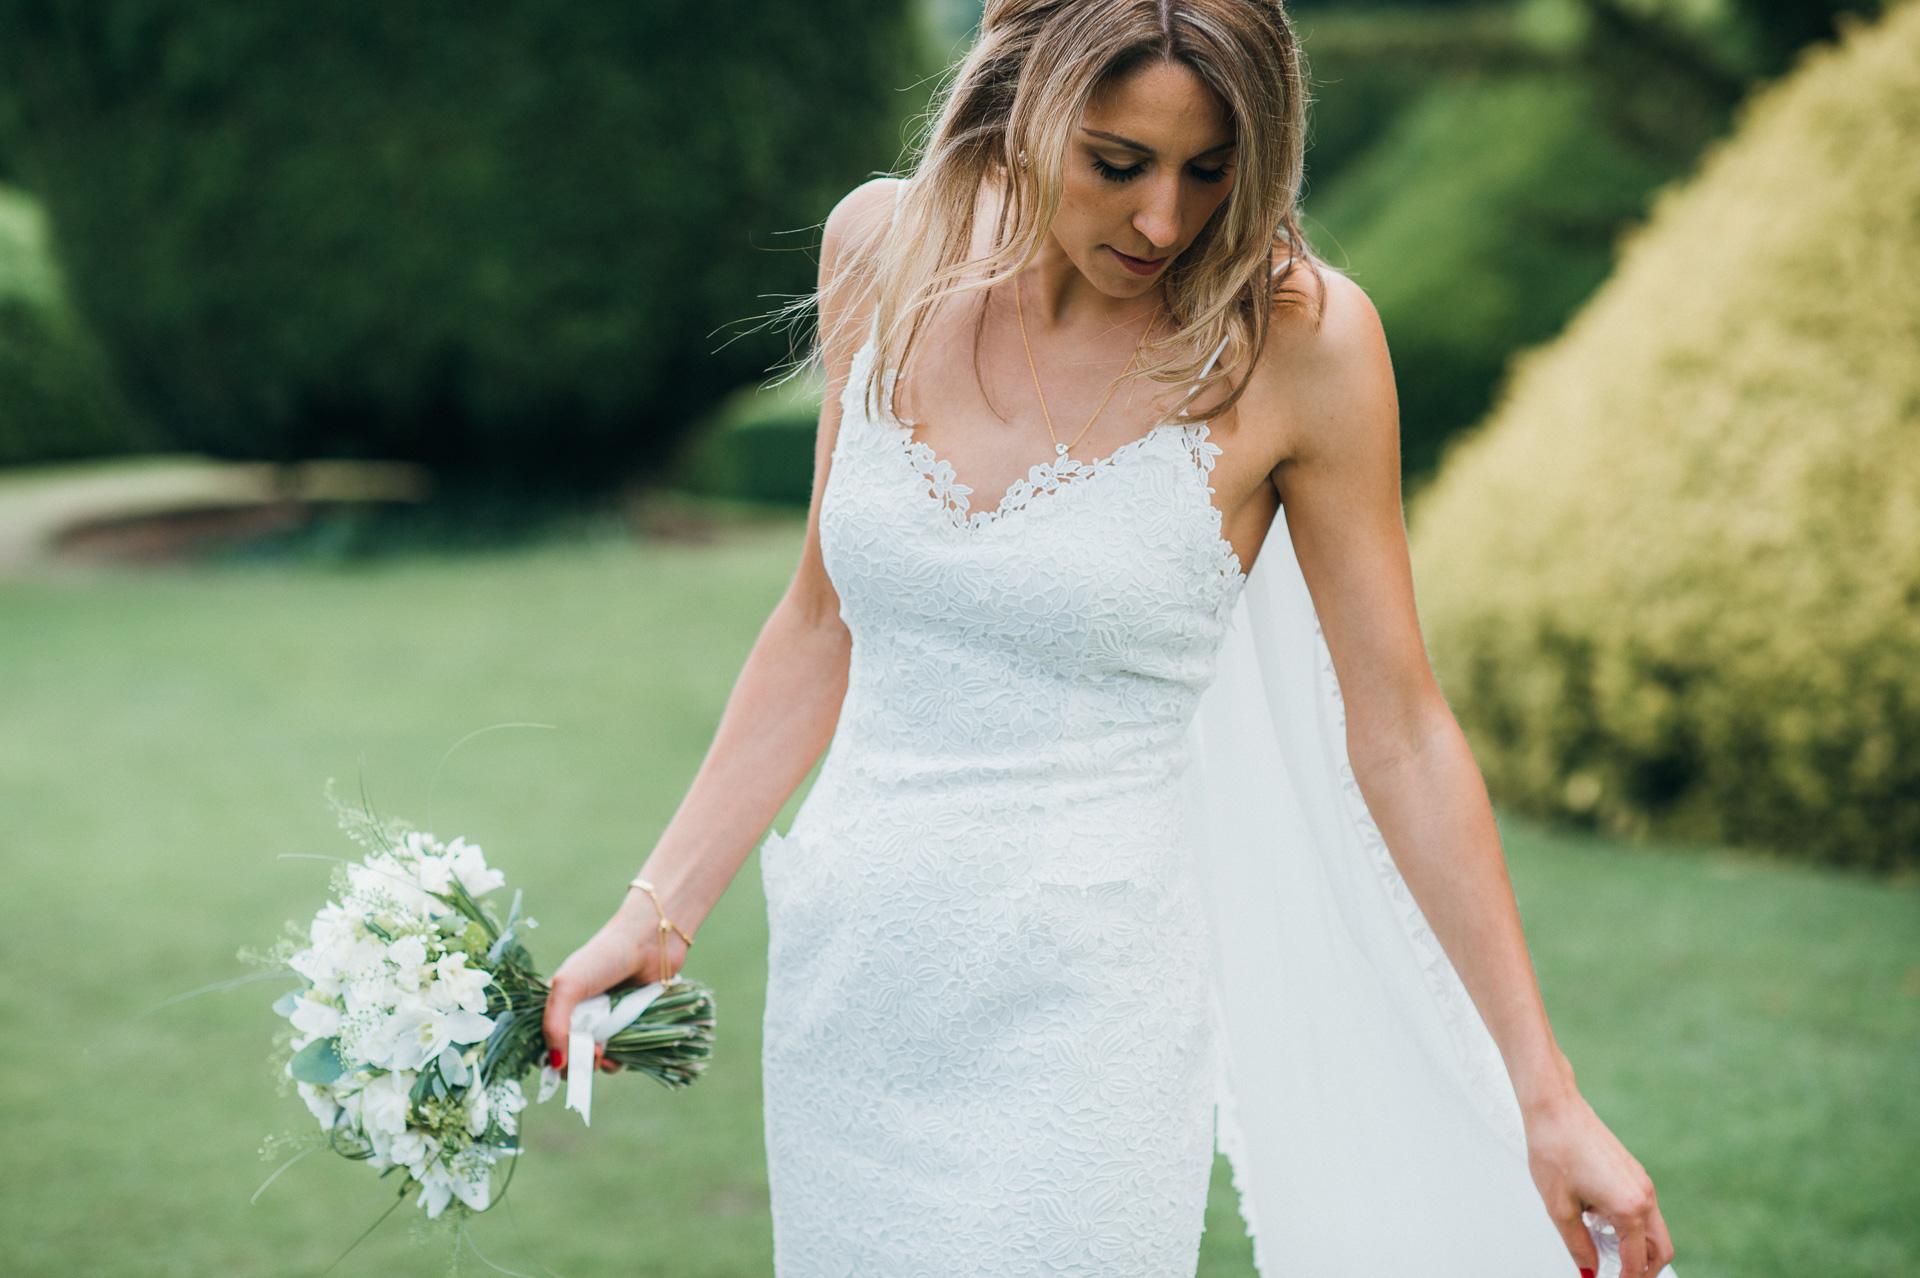 Birde at Sudeley castle wedding